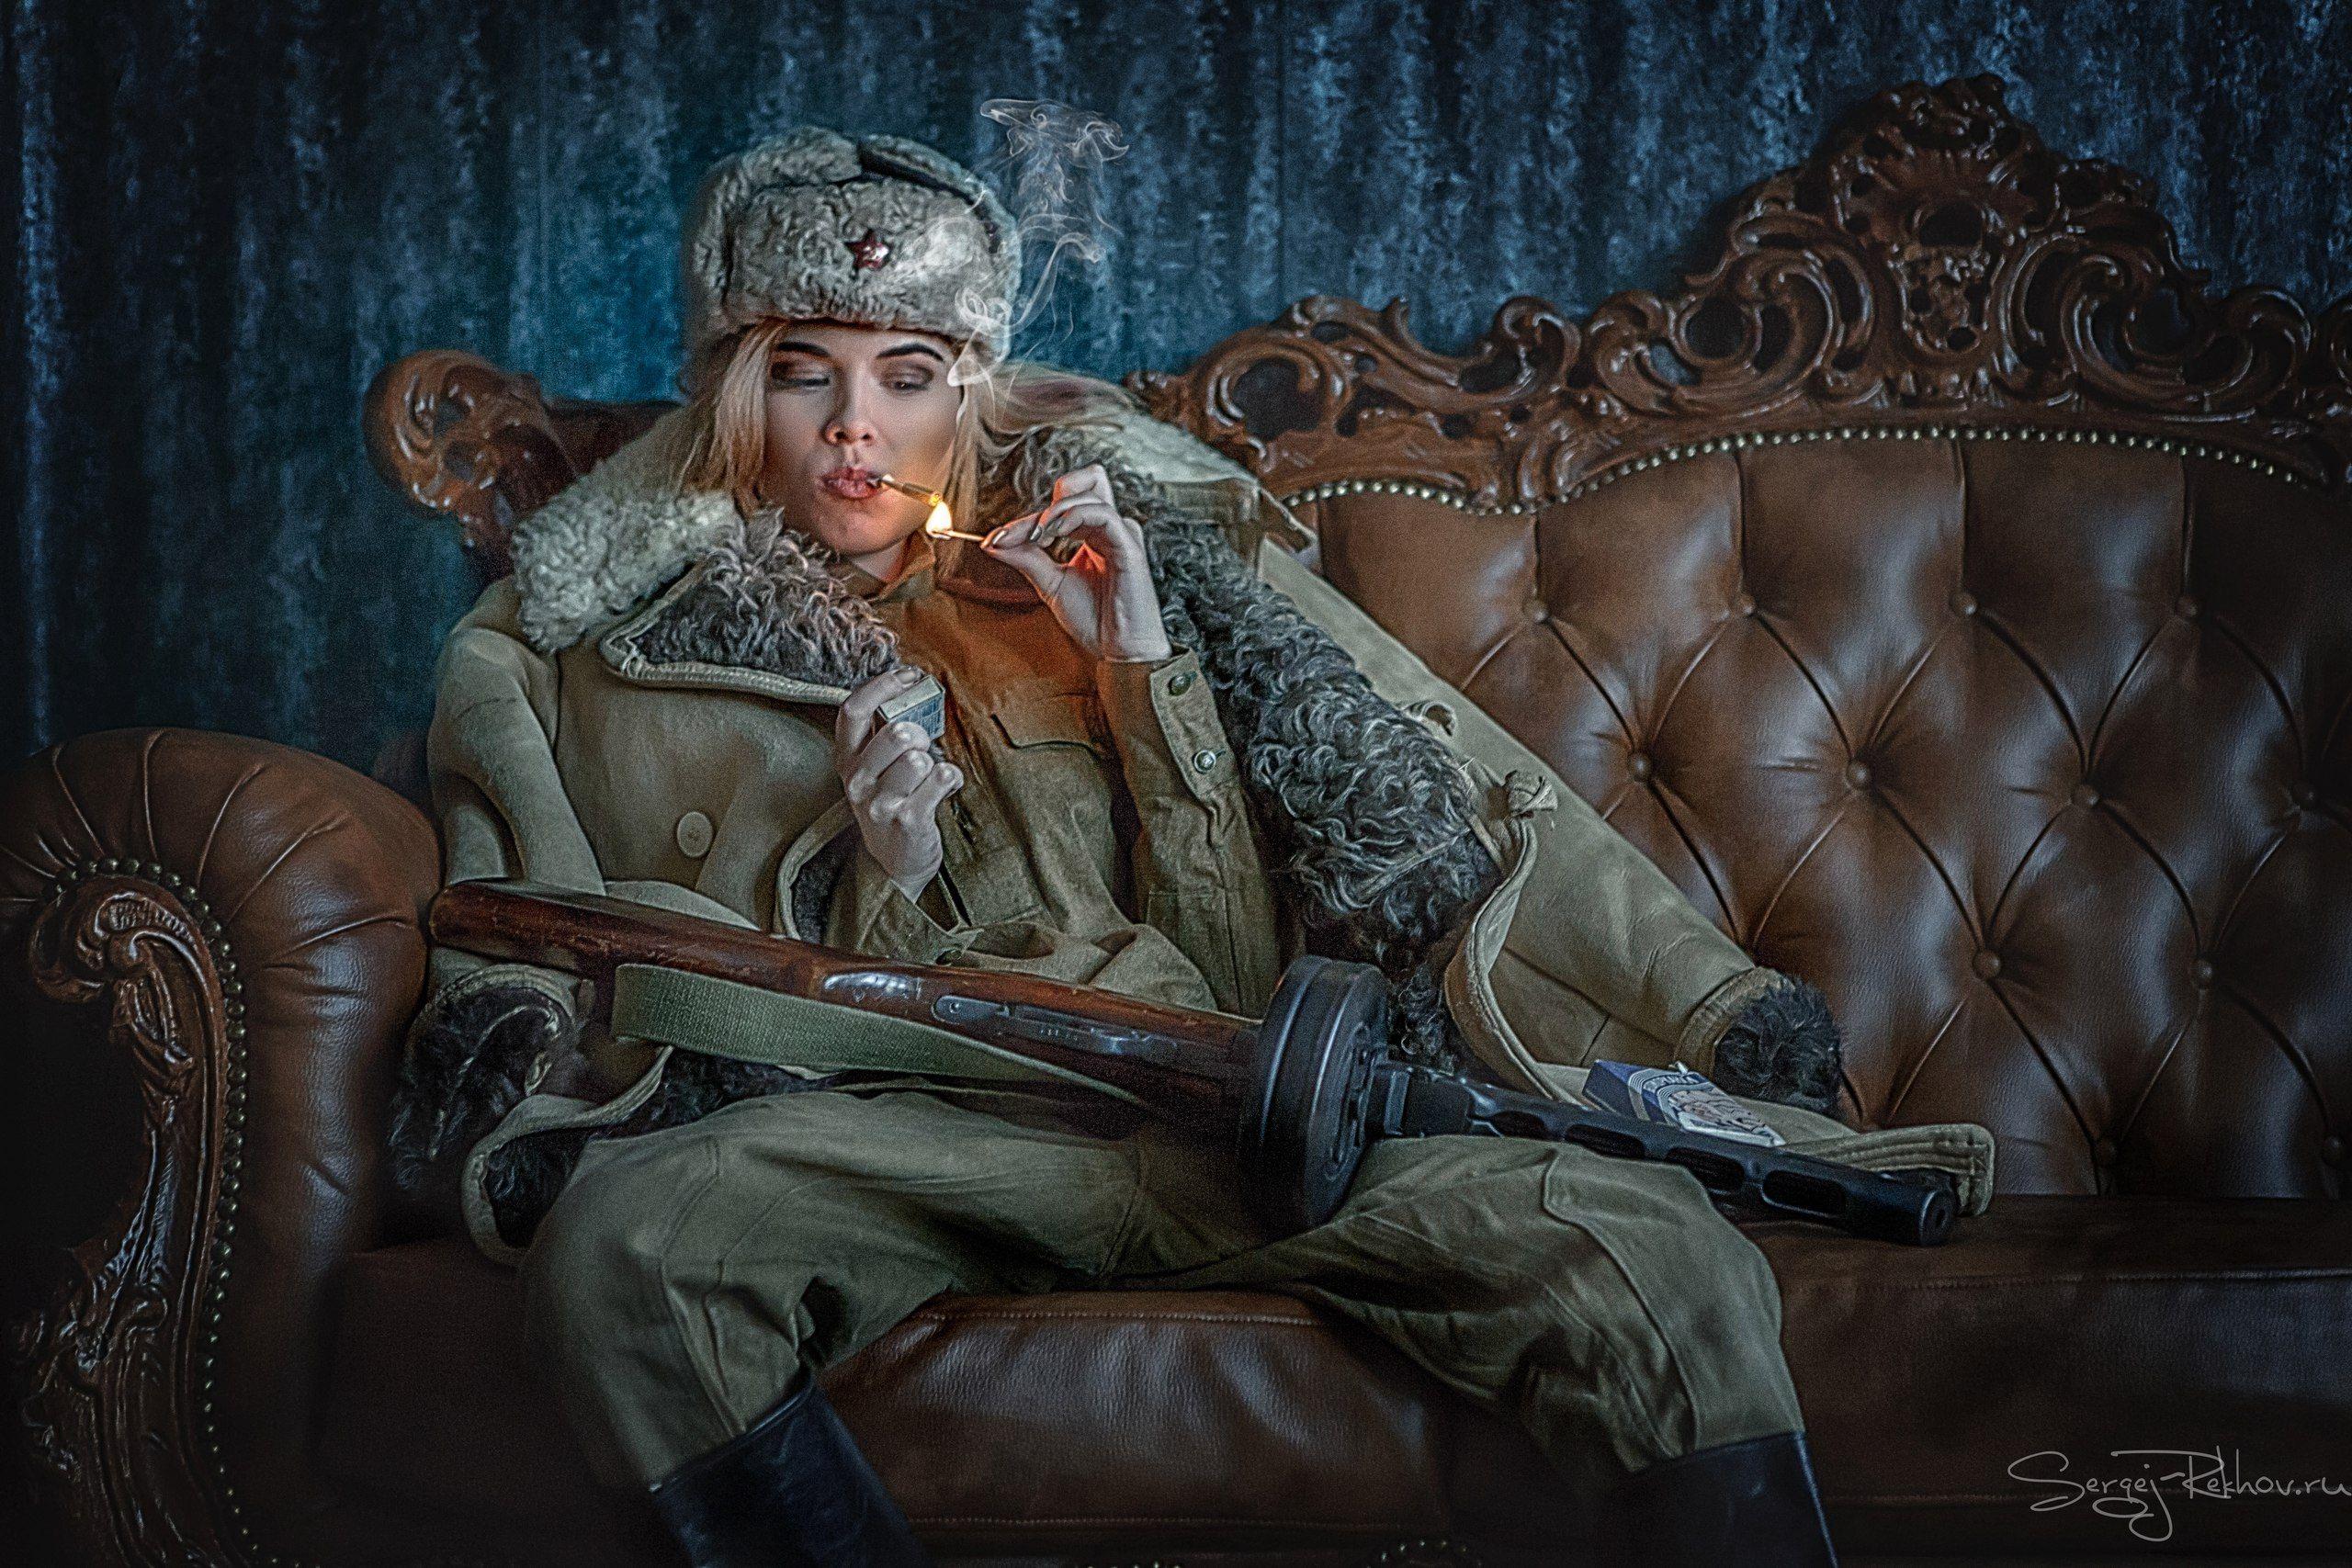 девушка, война, берлин, победа, папироса, рехов, сергейрехов, rekhov, sergejrekhov, Сергей Рехов